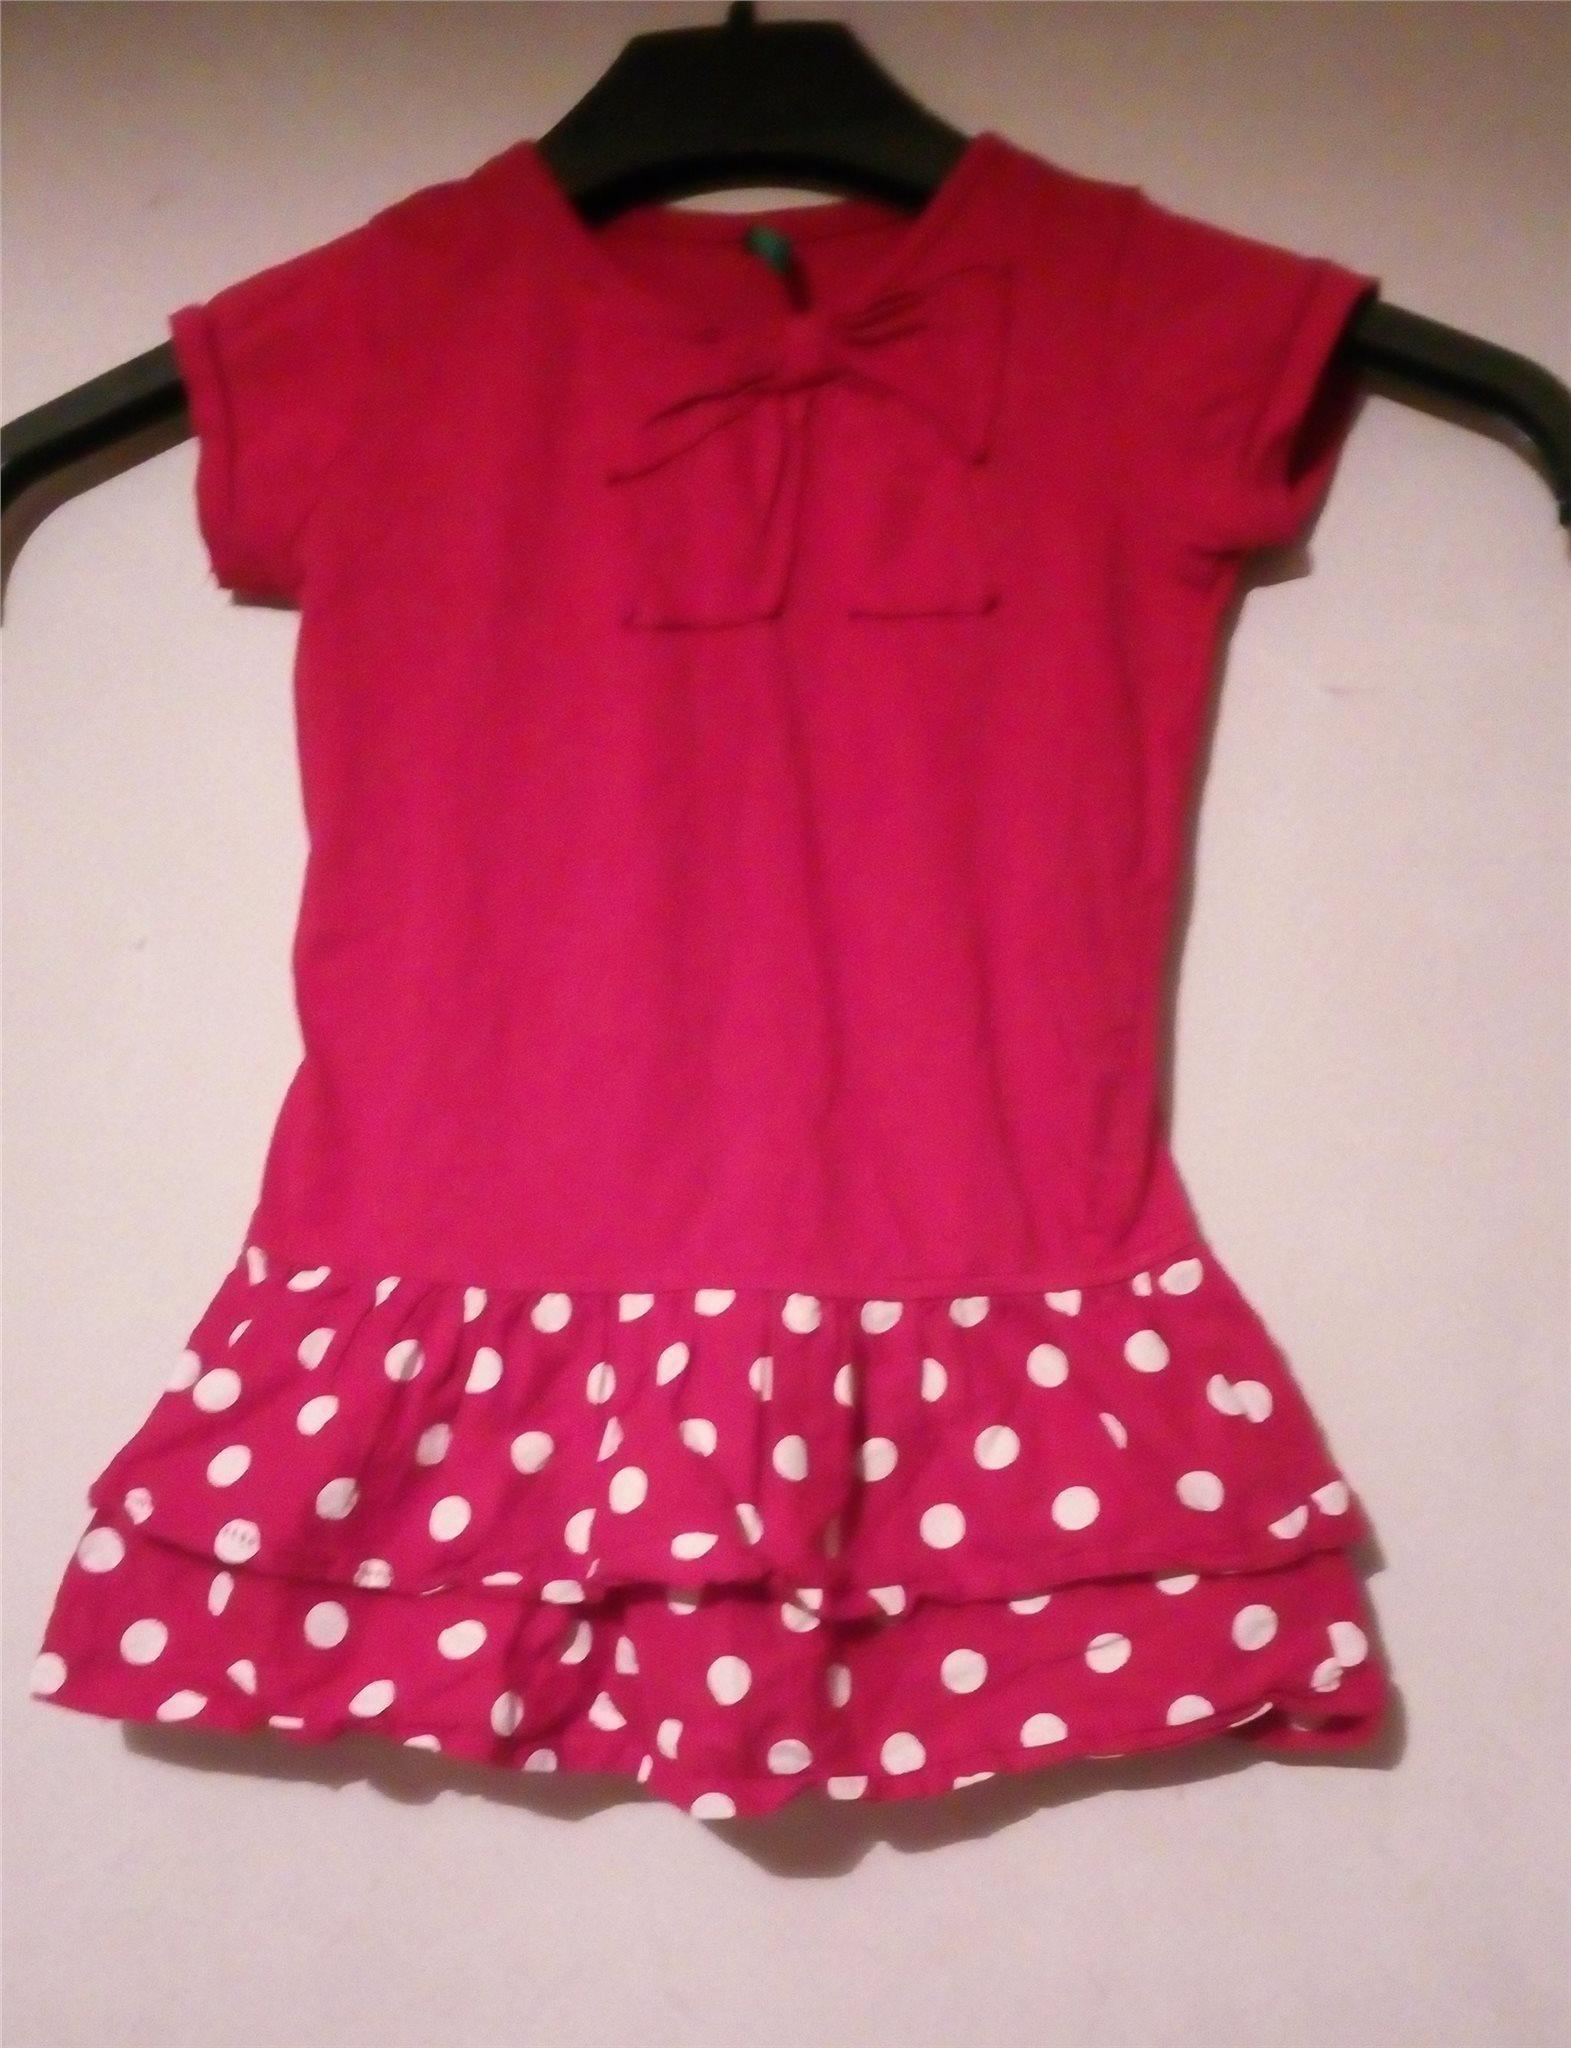 596e6b8c1400 Supersöt röd klänning polkadot från Benetton (342266566) ᐈ Köp på ...